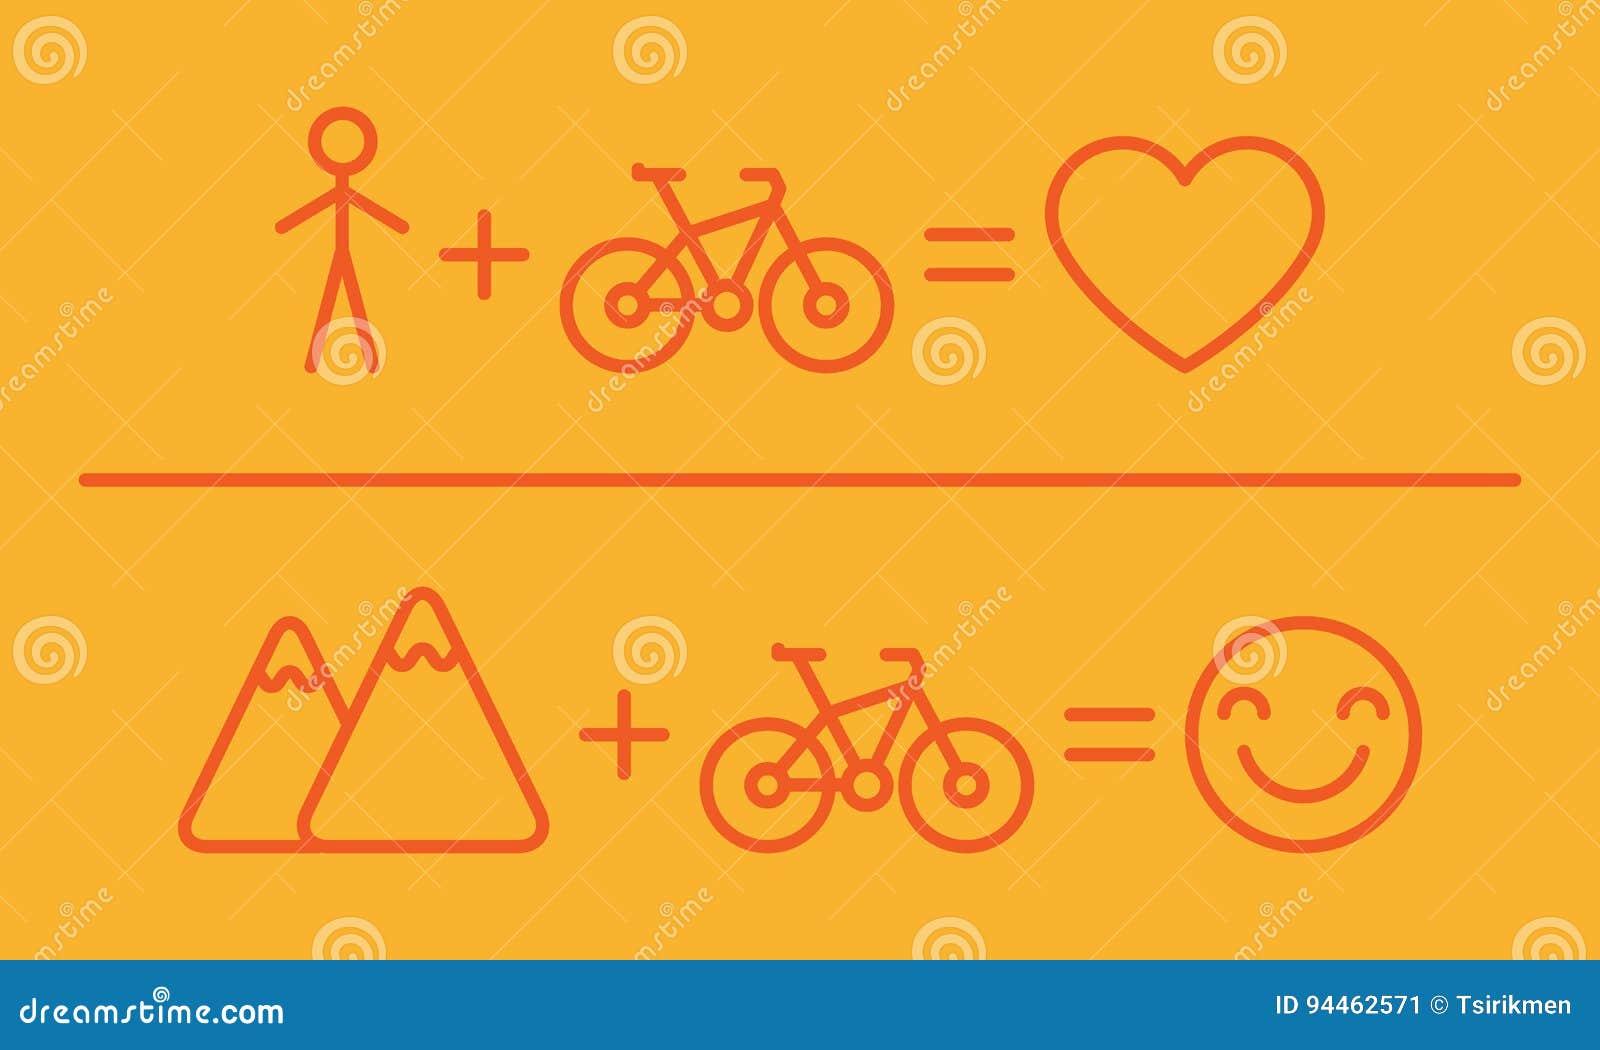 关于自行车的创造性的等式